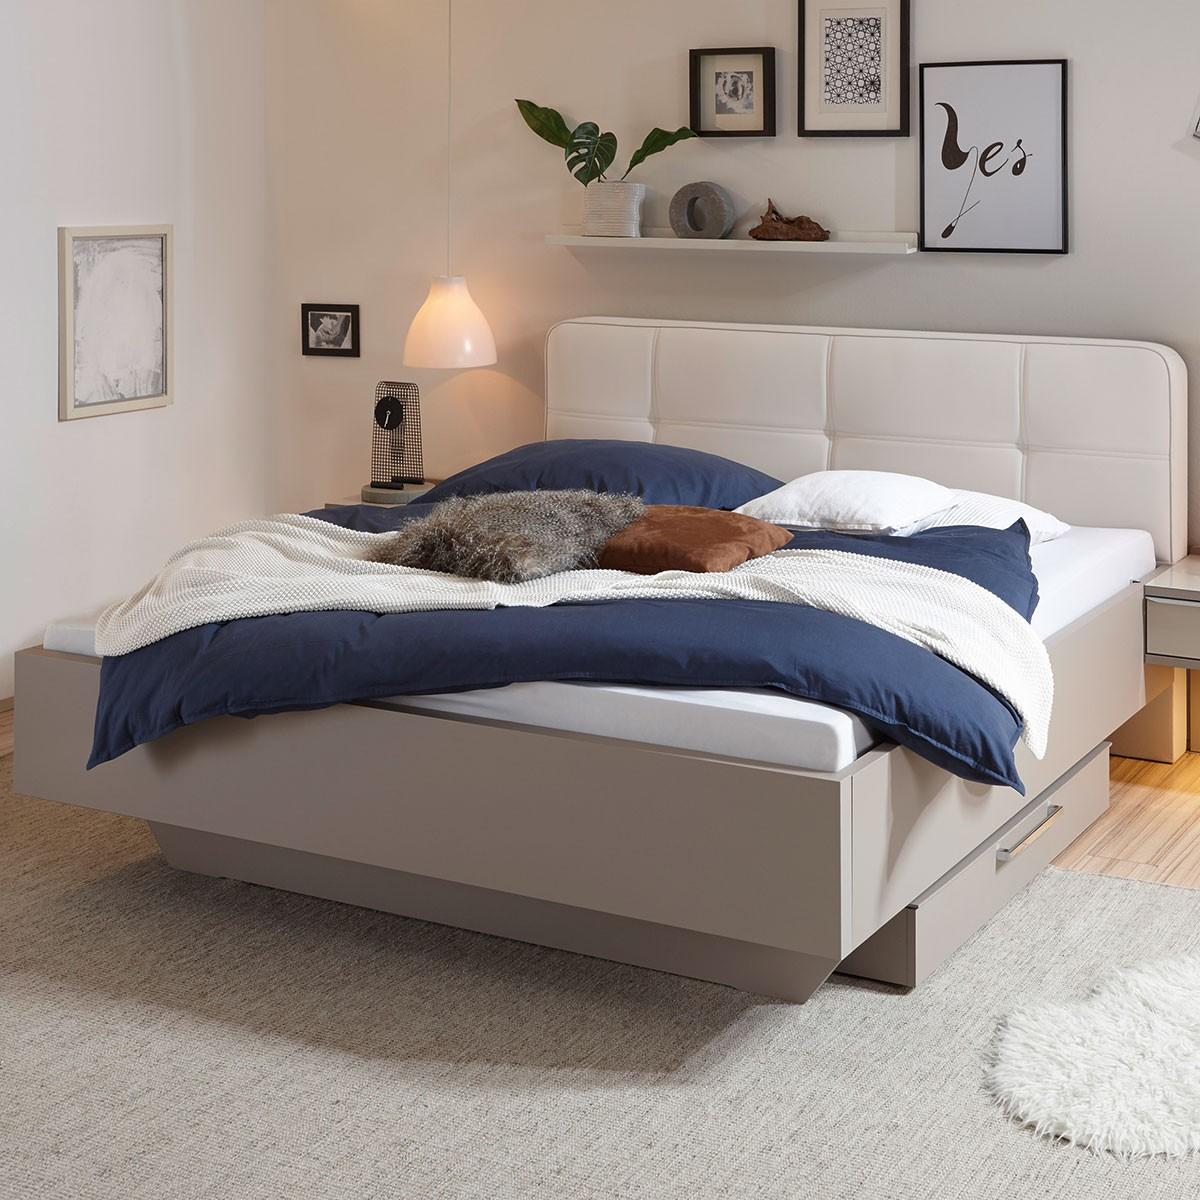 Bett mit Polsterkopfteil Royal in Beige, ca. 180x200 cm | Flamme